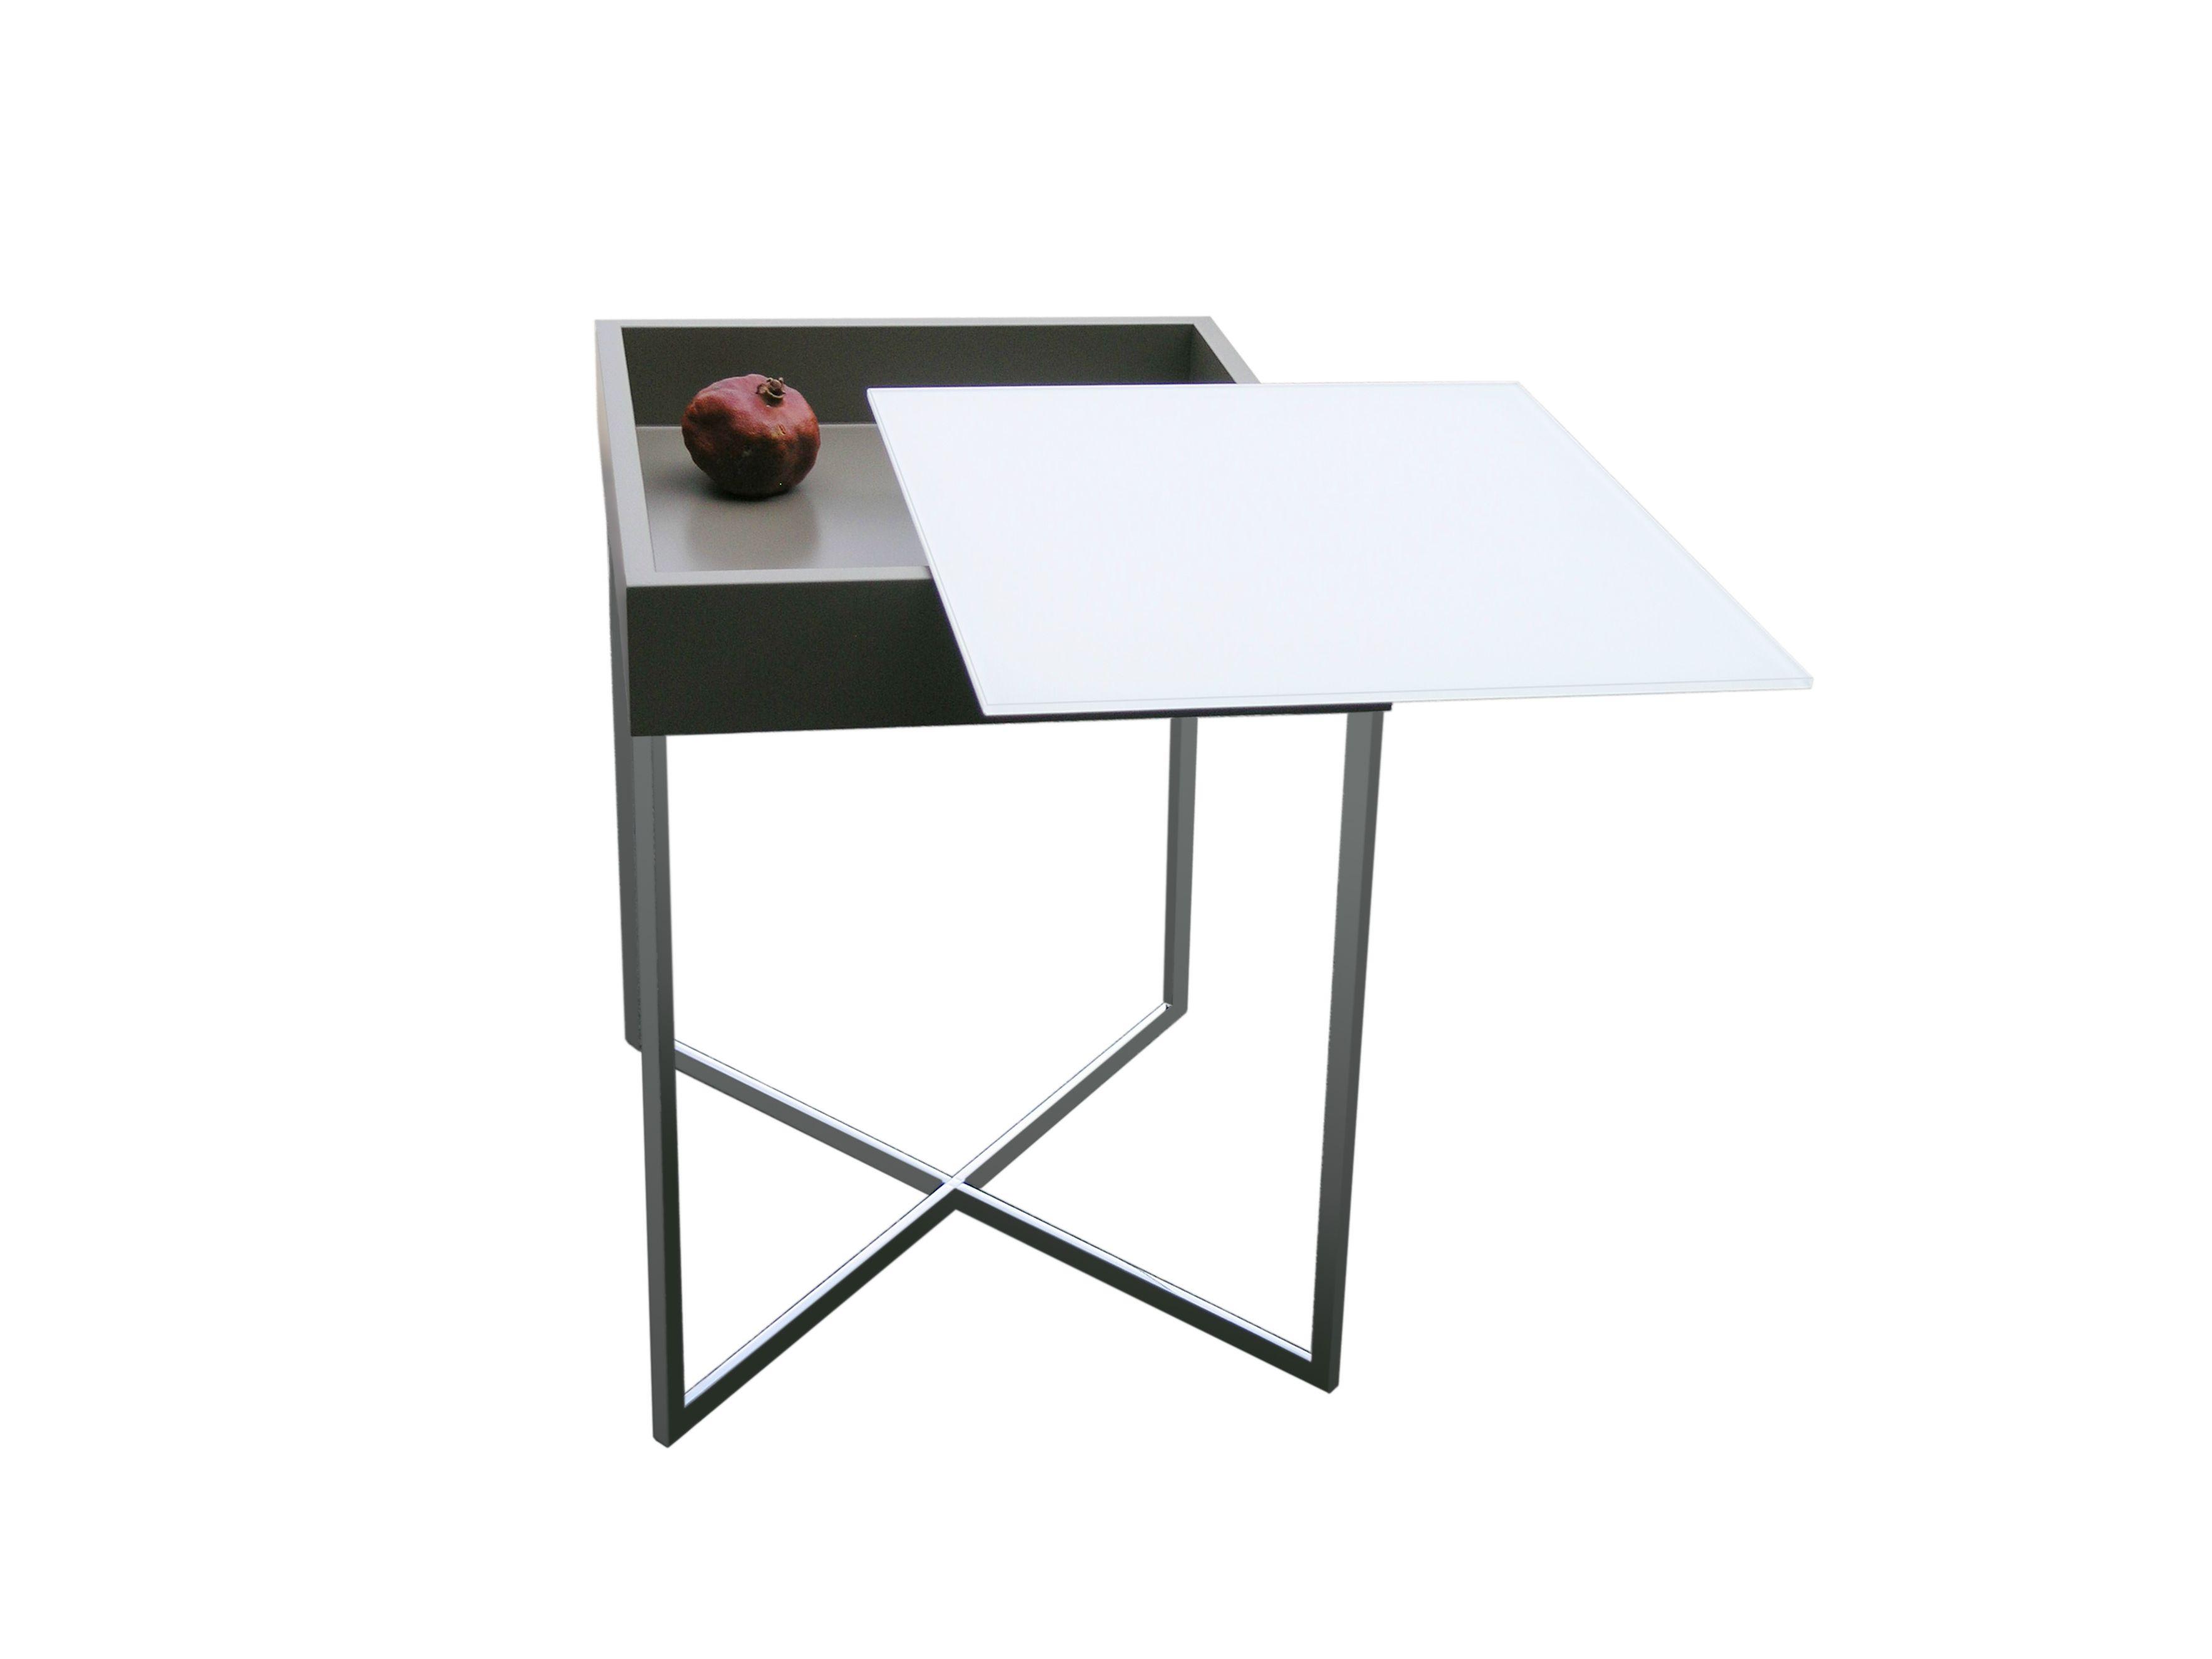 hoch couchtisch mit integriertem zeitungsst nder lyra by ronald schmitt. Black Bedroom Furniture Sets. Home Design Ideas